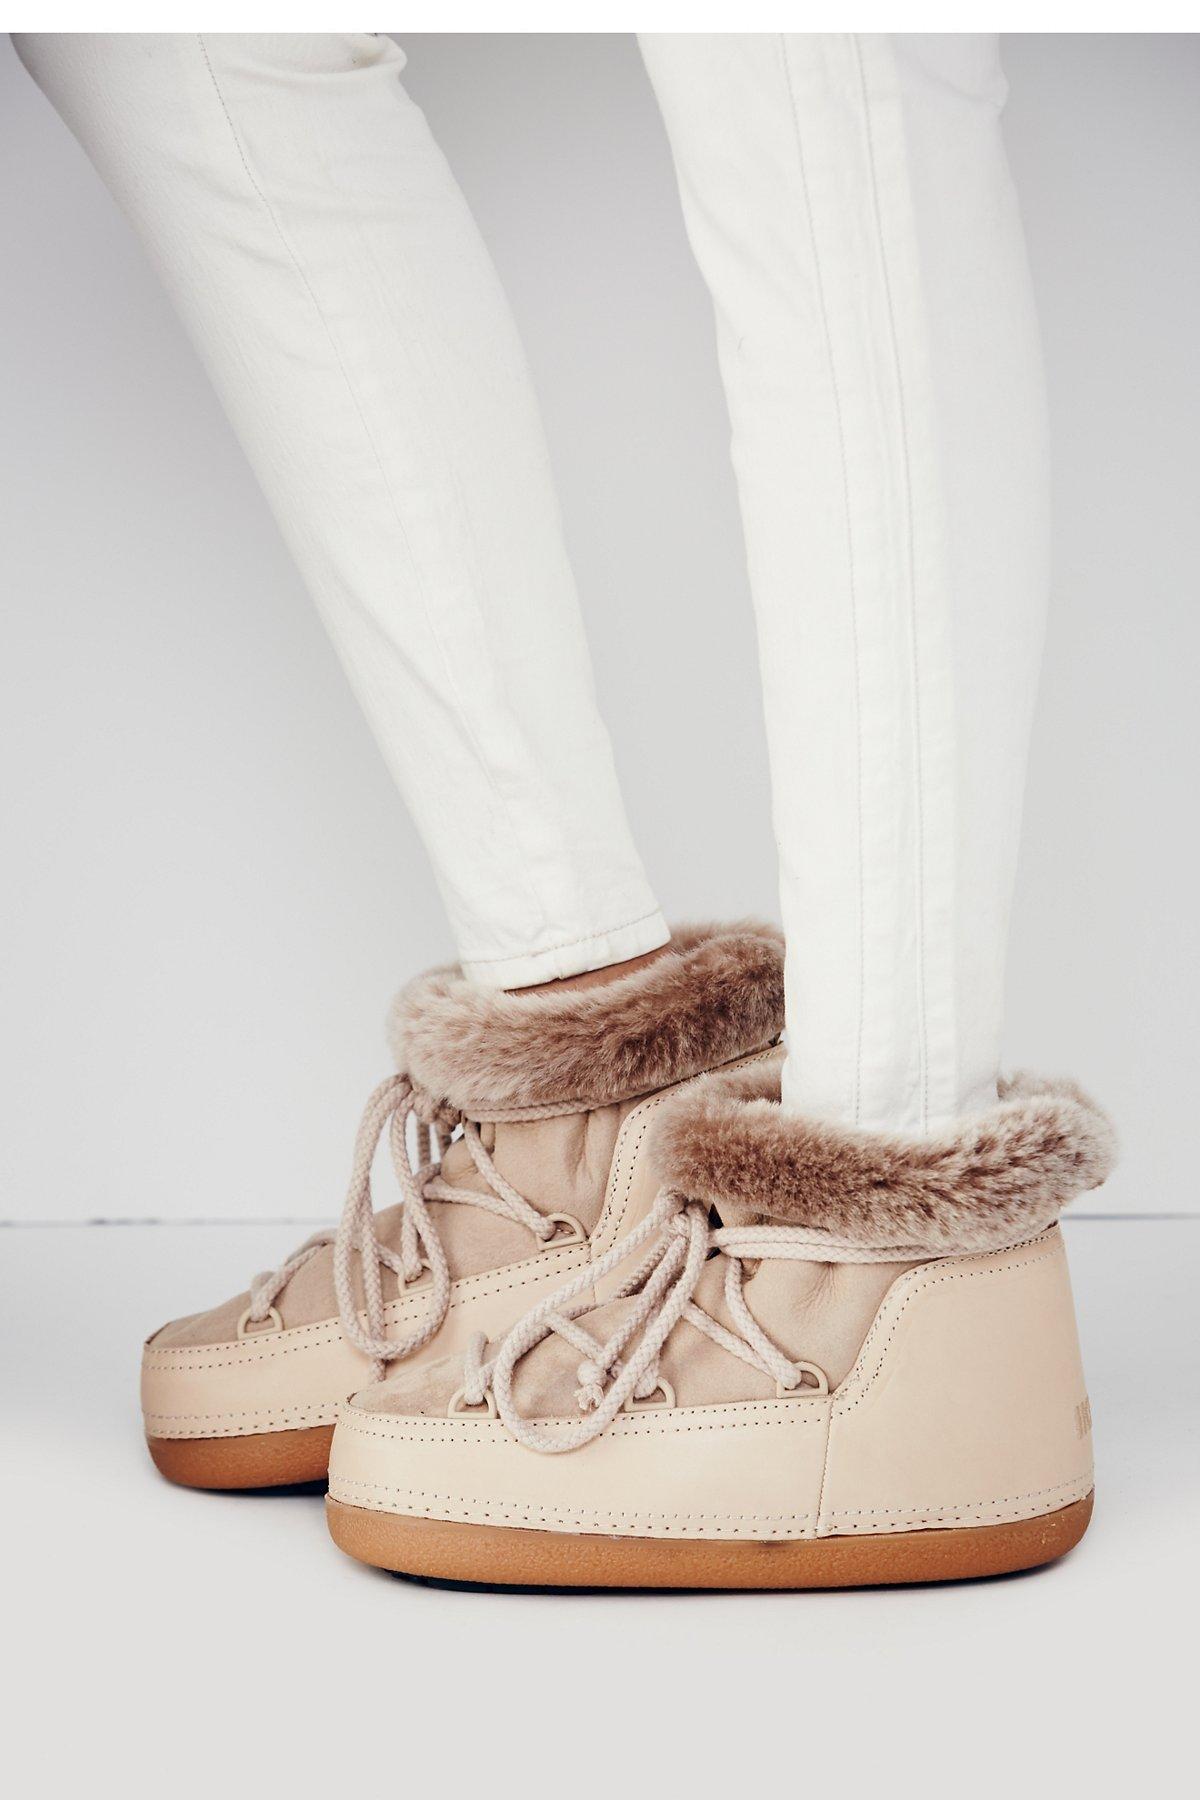 Ikkii保暖靴